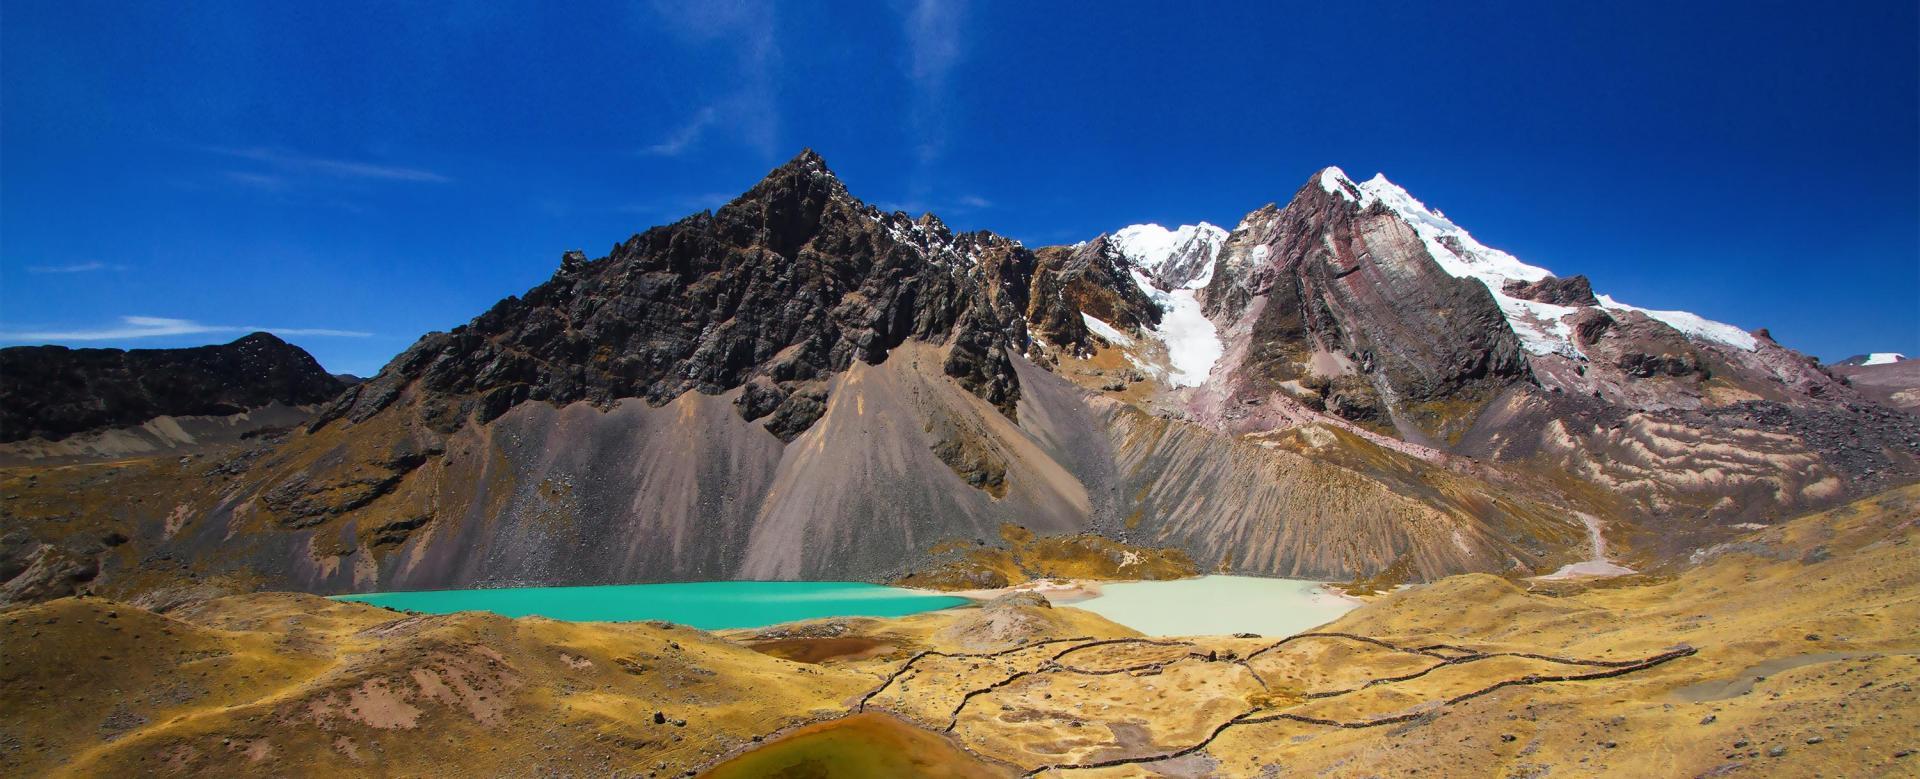 Voyage à pied : Pérou : Le tour de l'ausangate